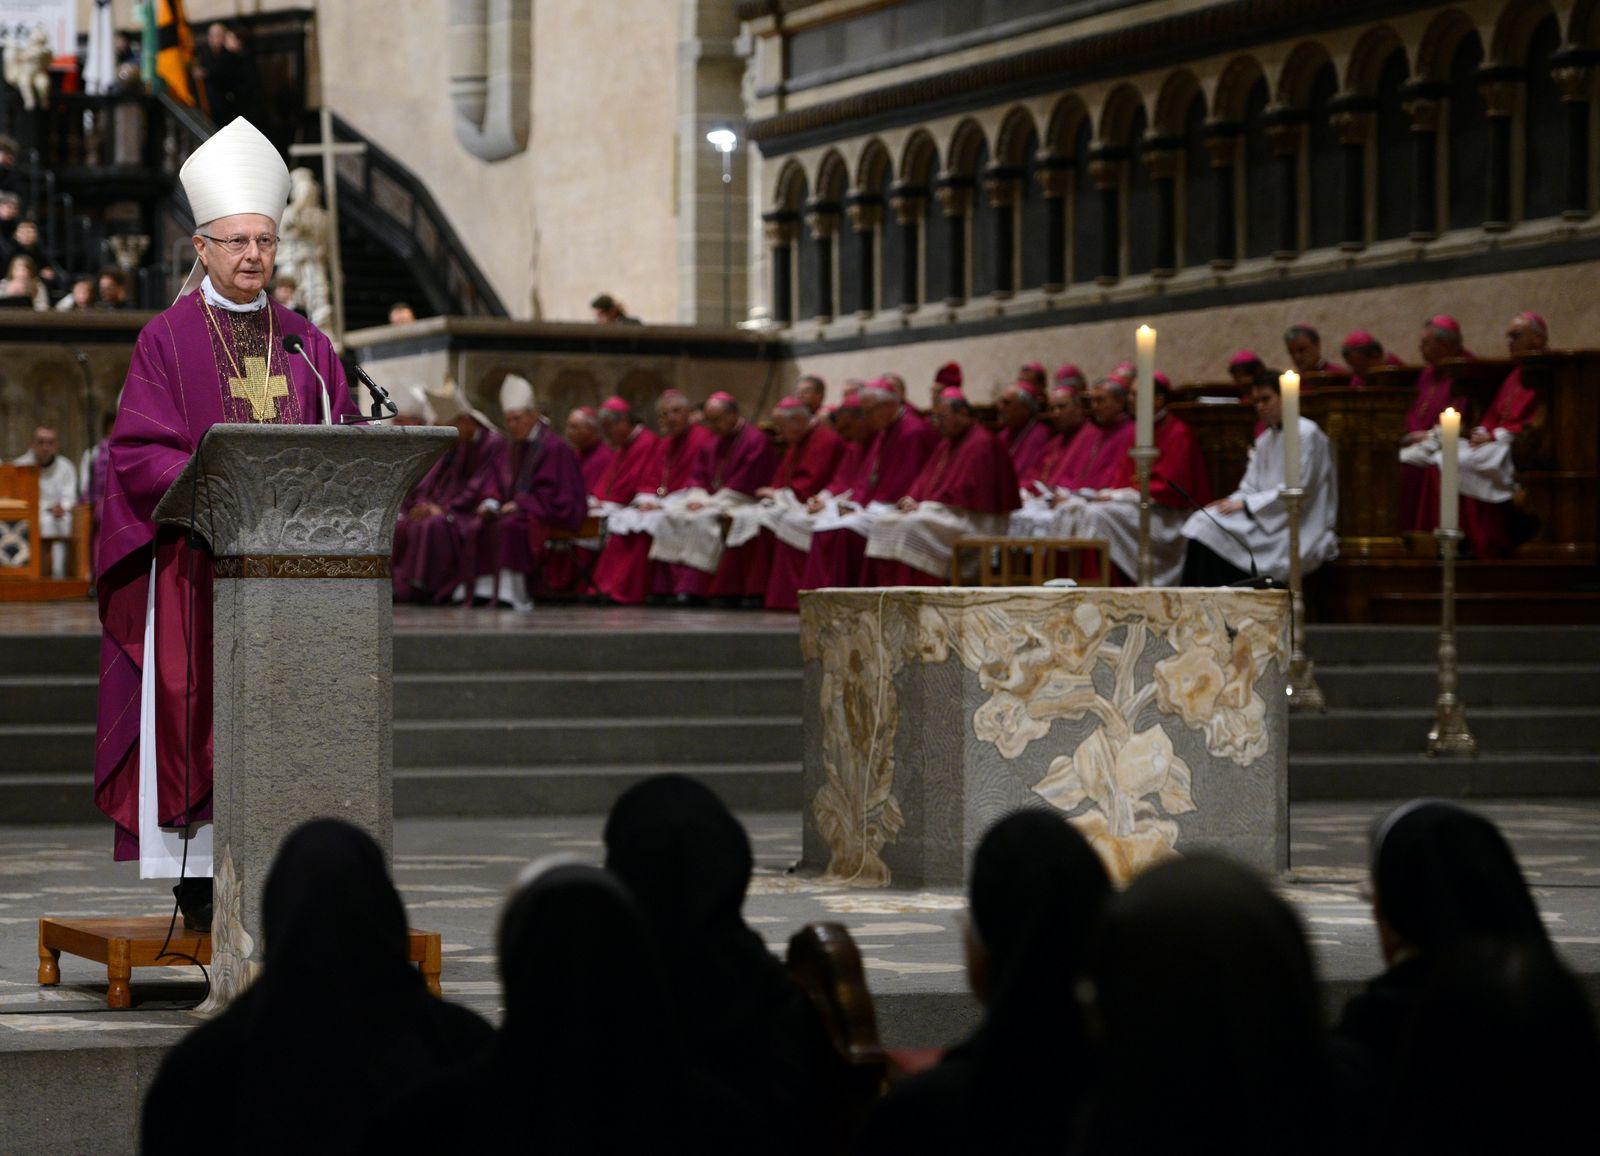 NICHT VERWENDEN Trier/ Bischofskonferenz